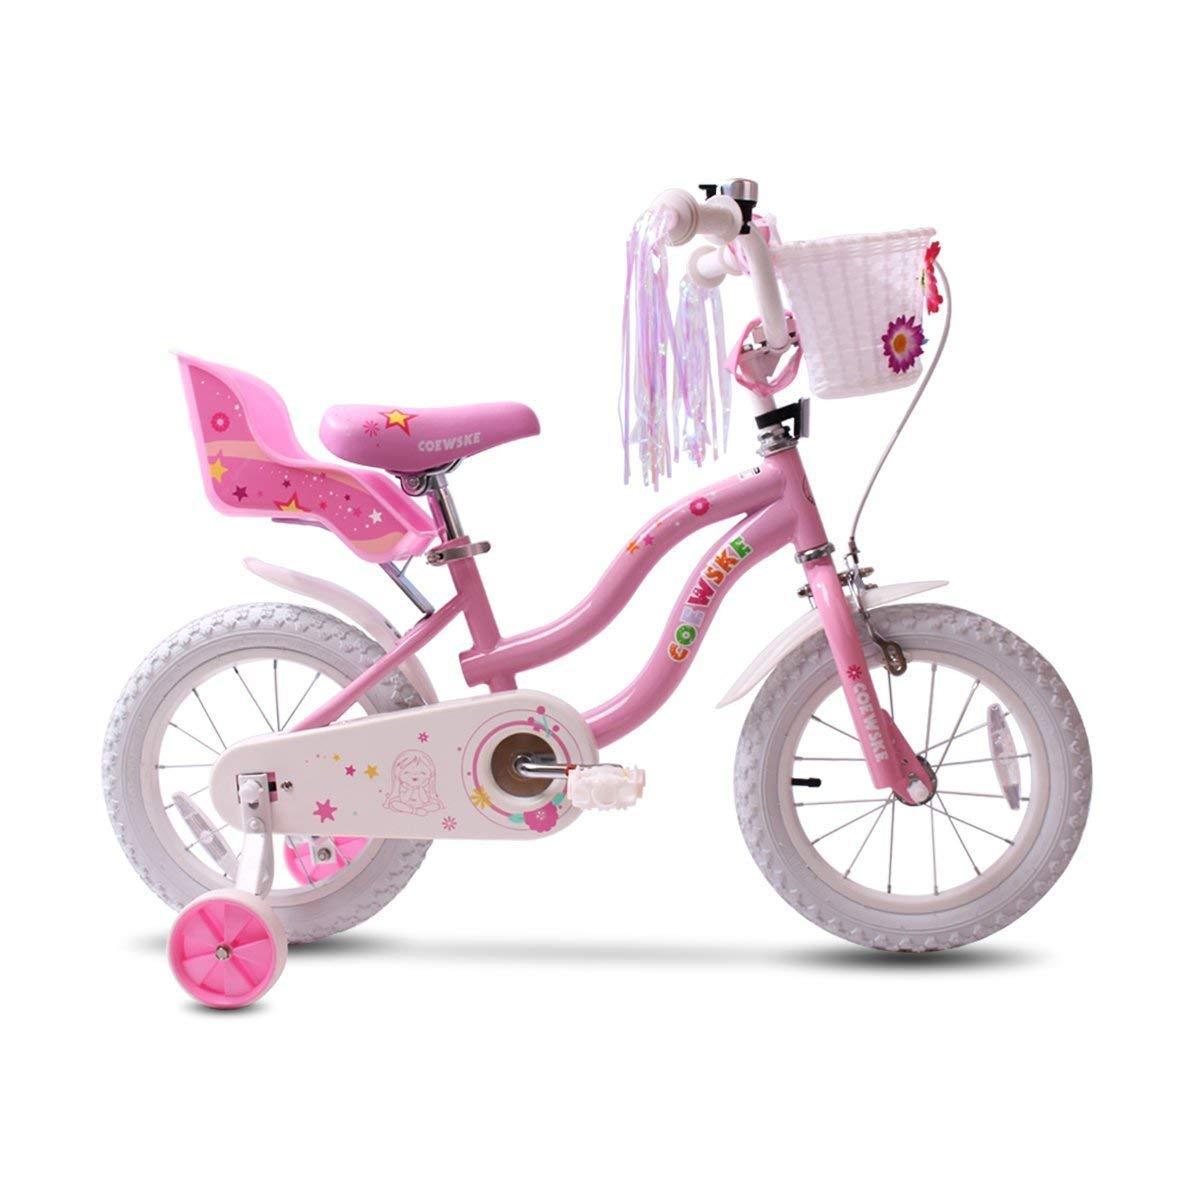 Rosa COEWSKE Bicicleta para ni/ños con Marco de Acero para ni/ños Little Princess Style 14 Pulgadas con Rueda de Entrenamiento